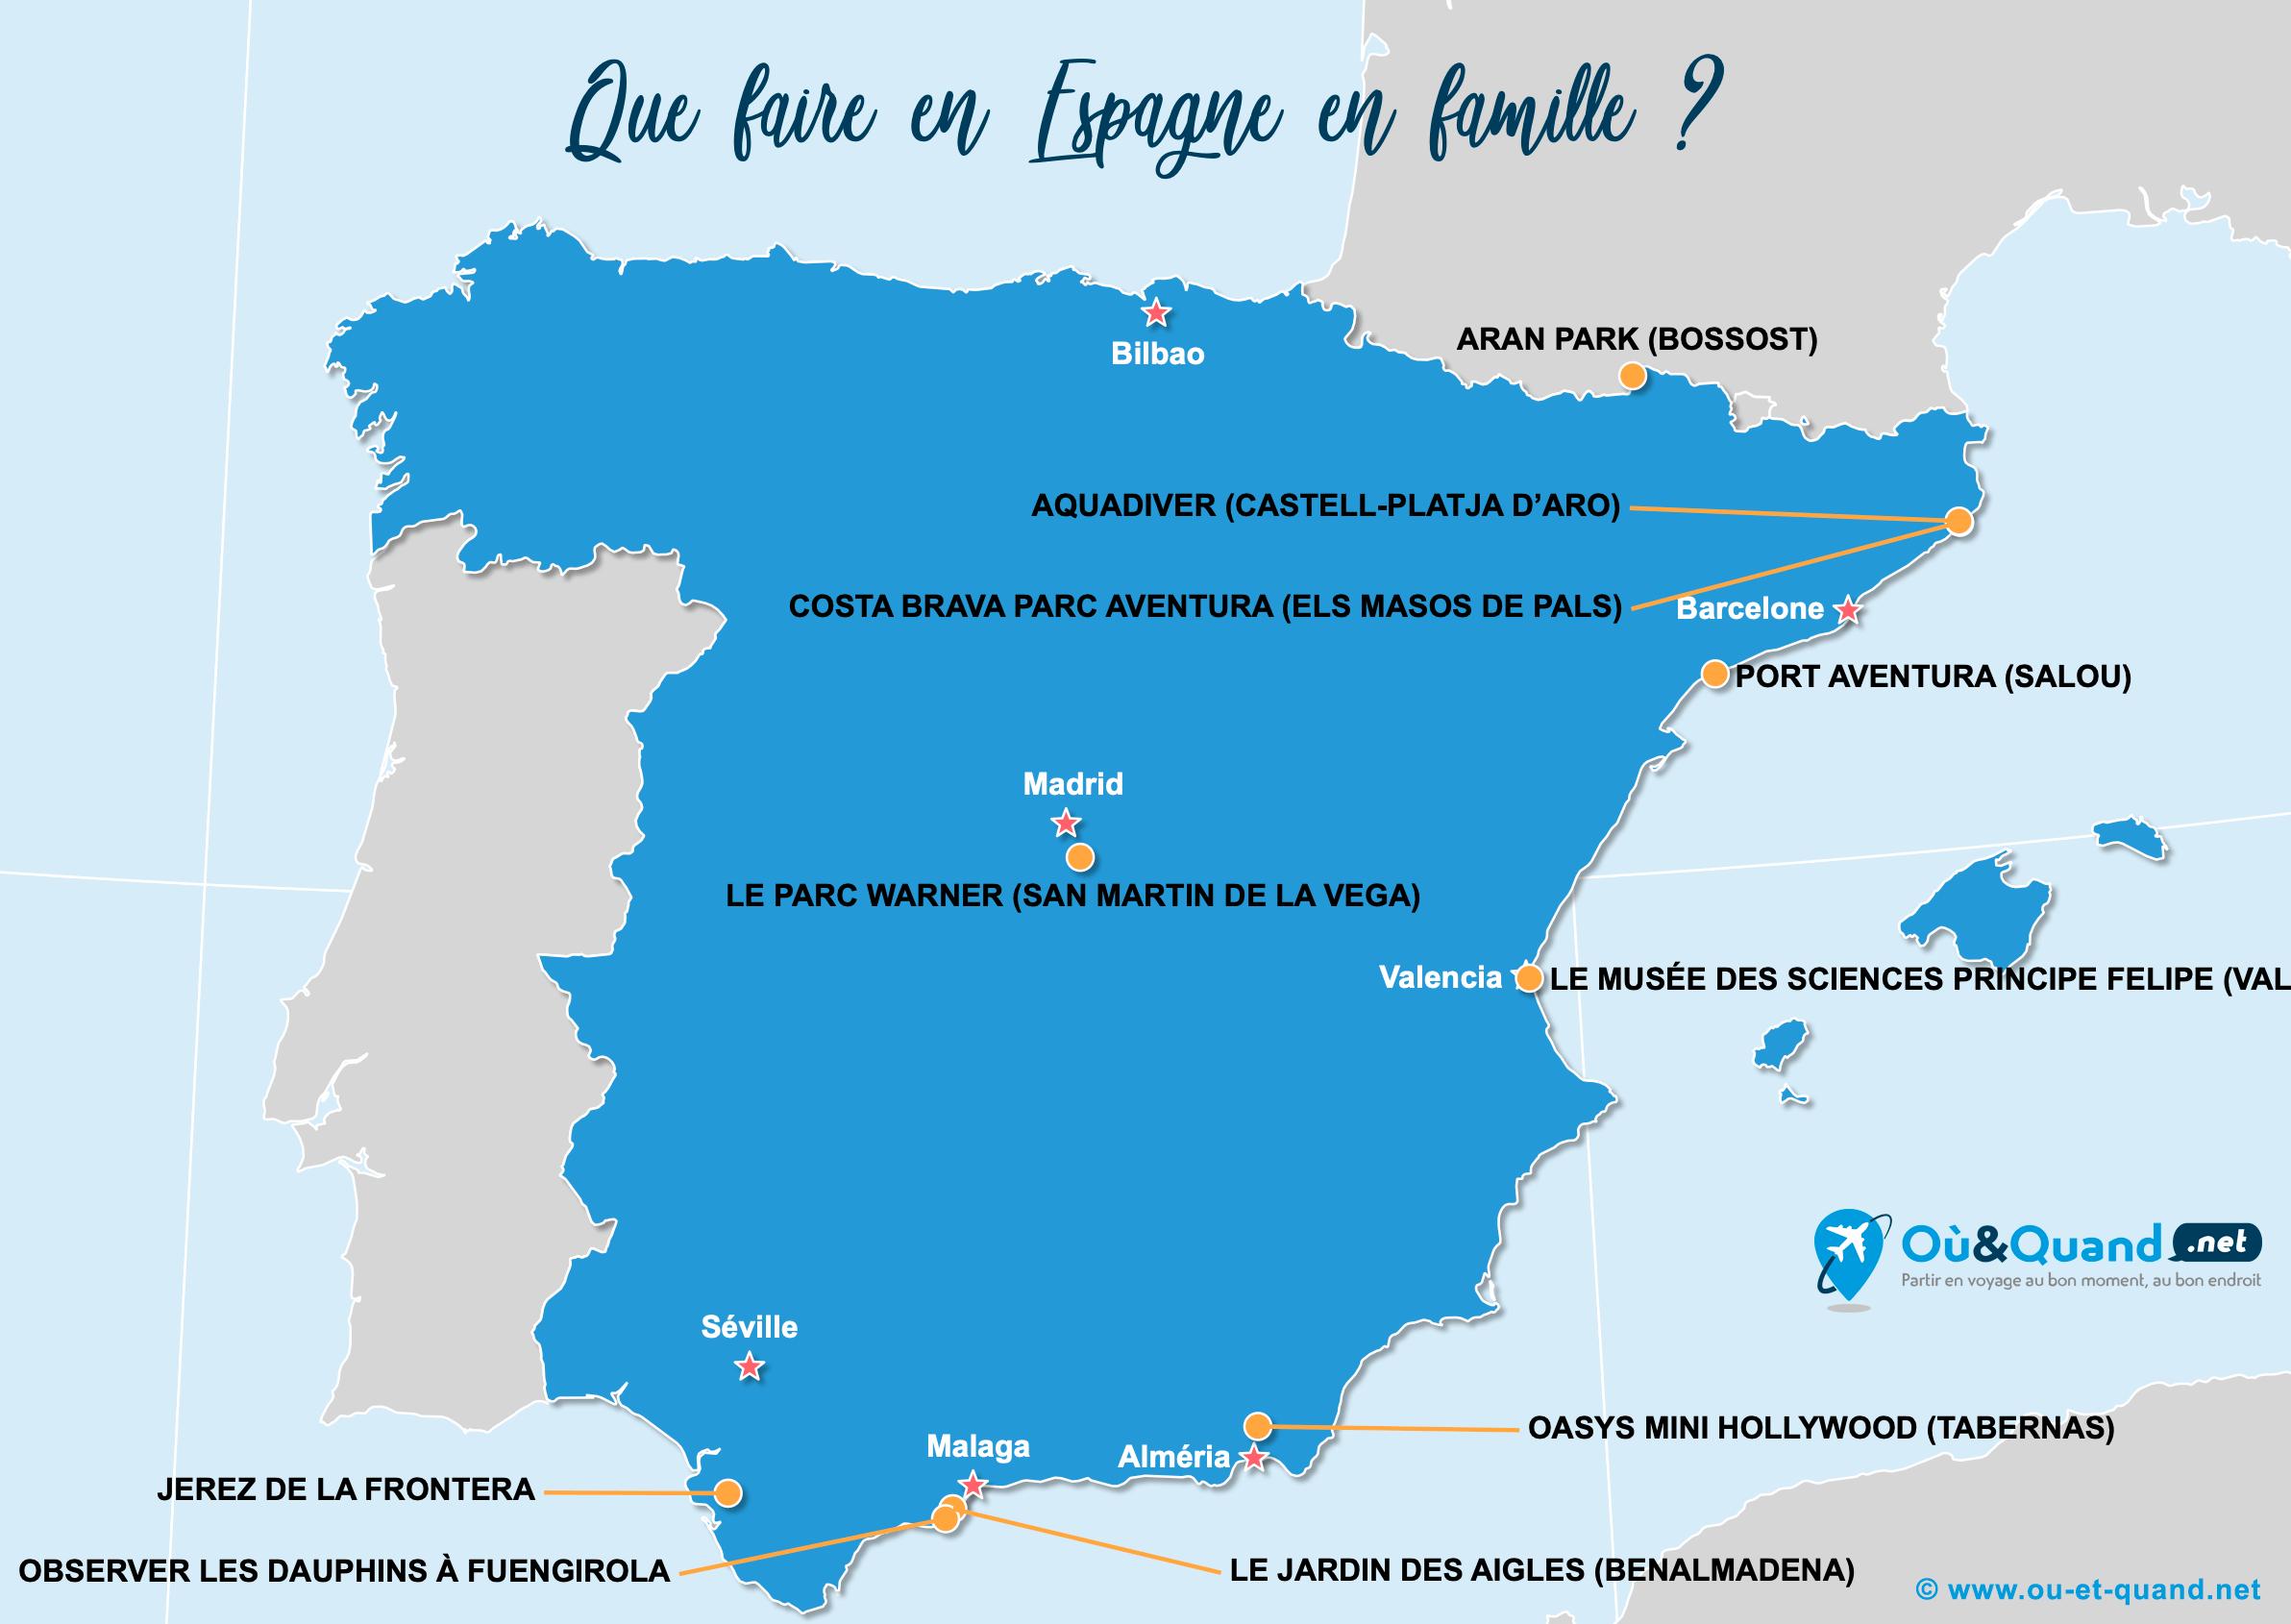 Carte Espagne : L'Espagne en famille